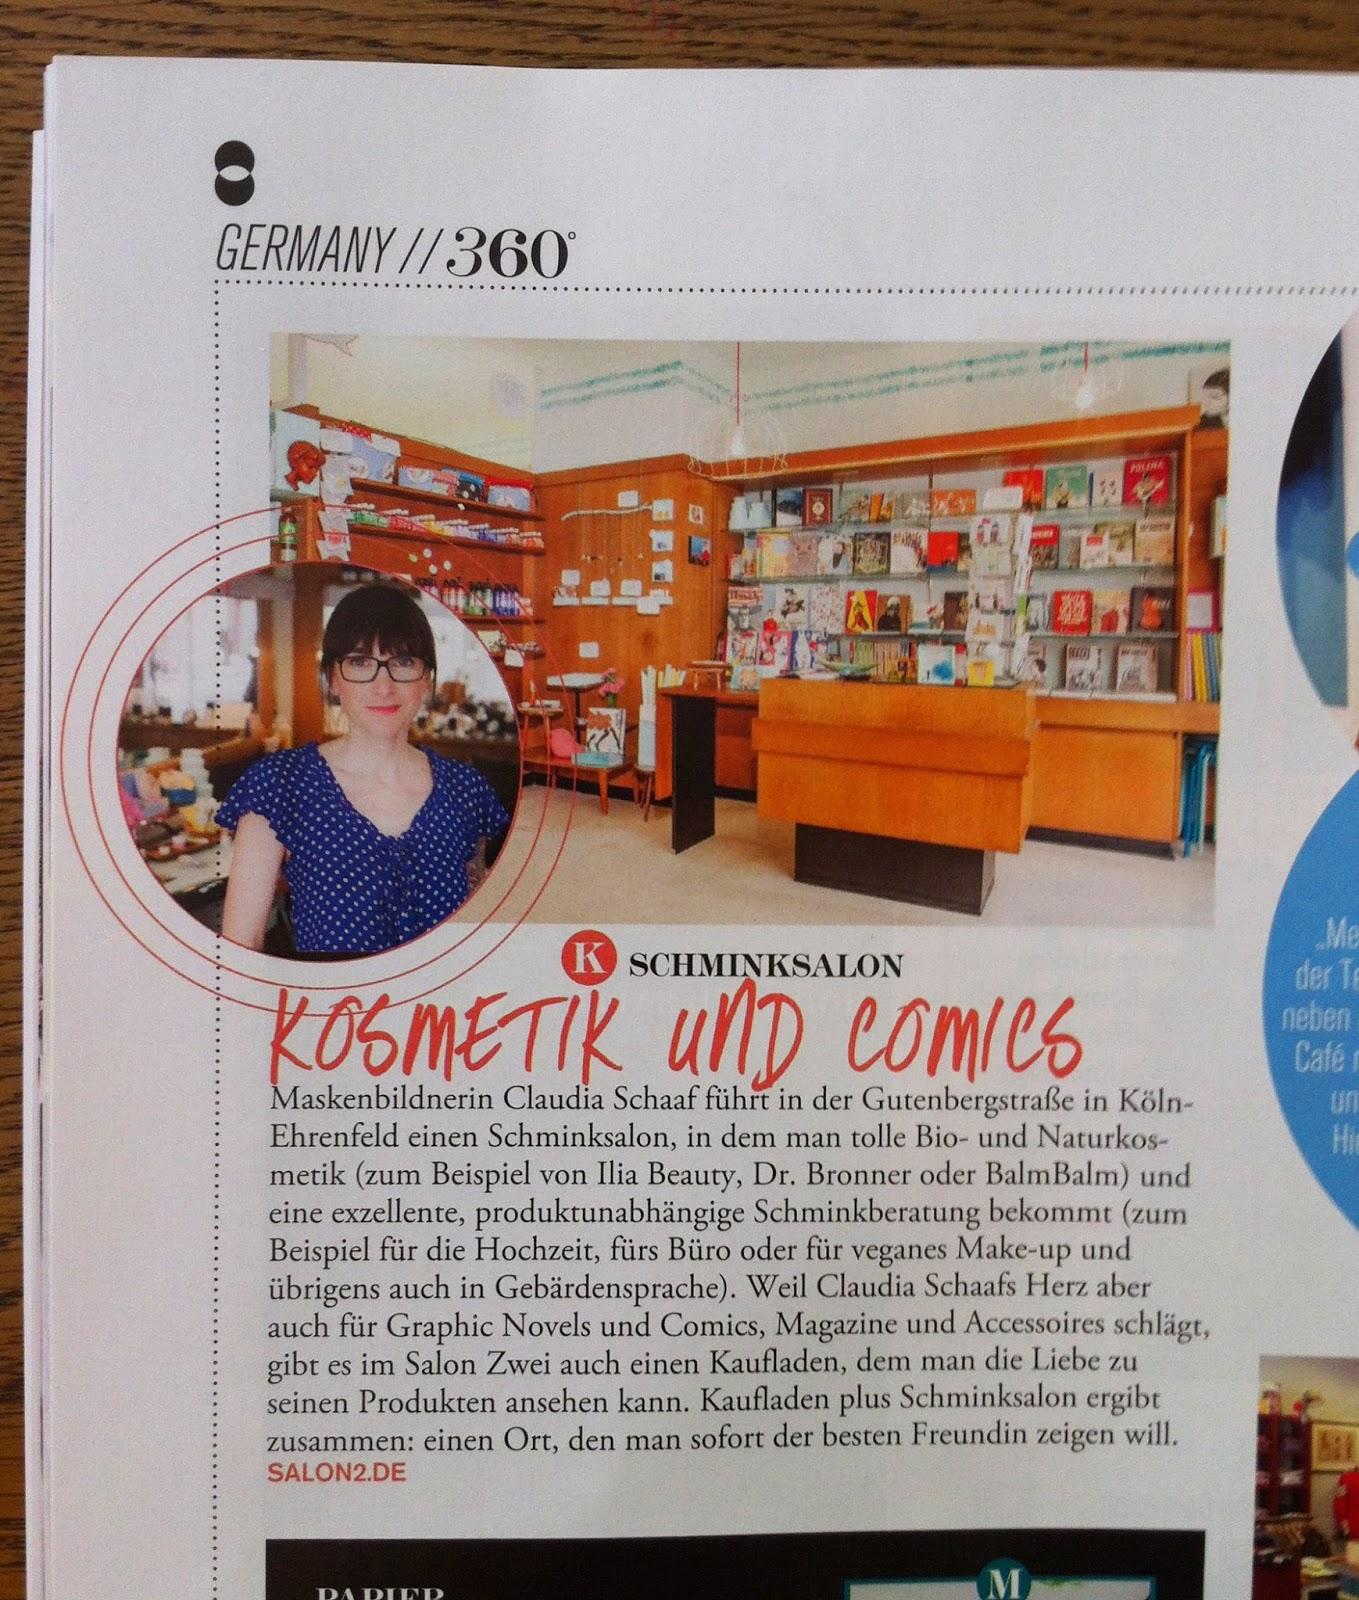 FLAIR Magazin Artikel über Salon Zwei 2014